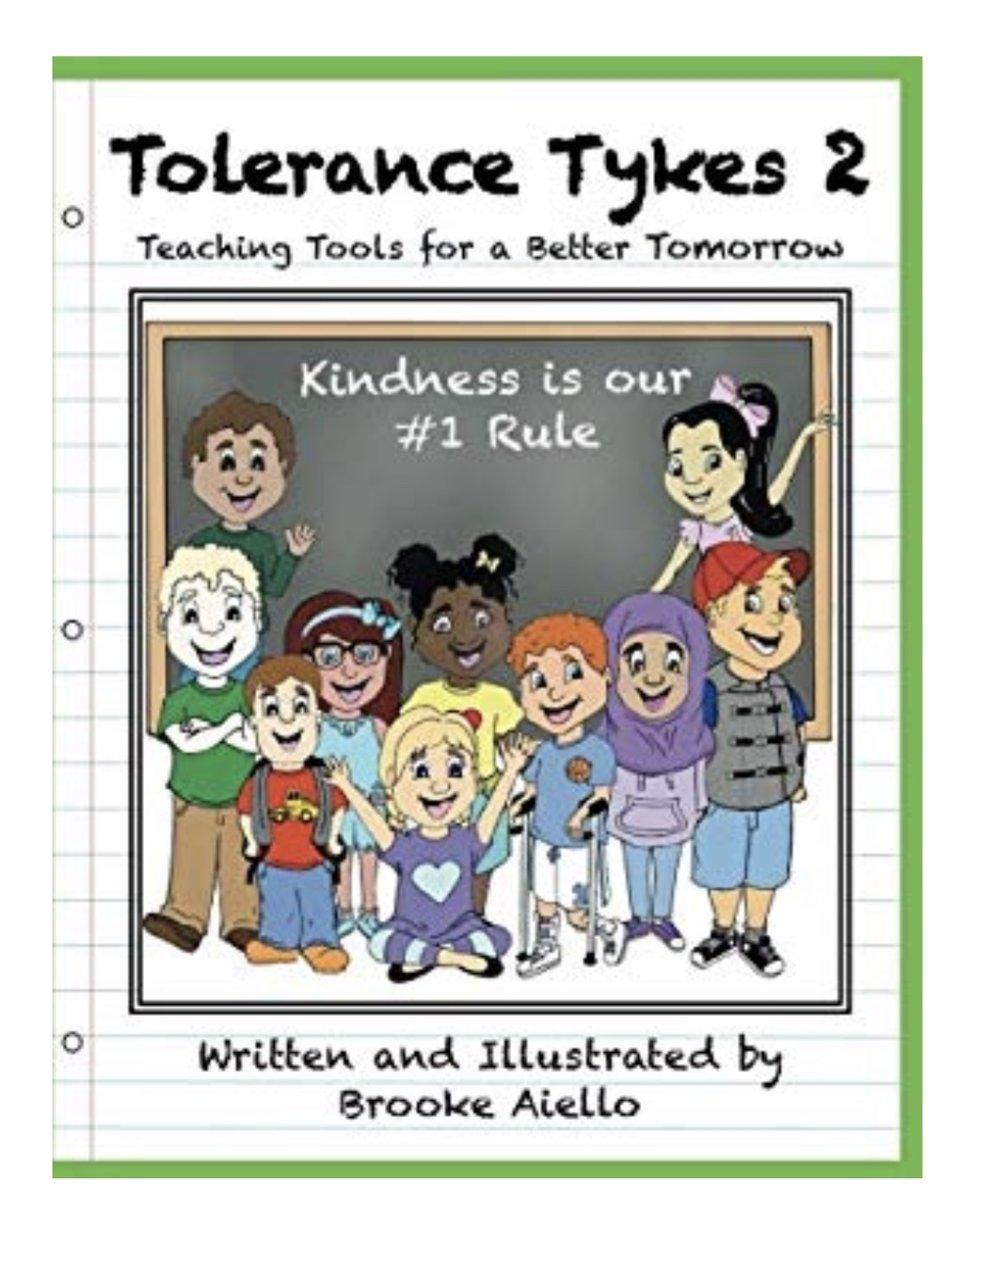 tolerance tykes.jpeg